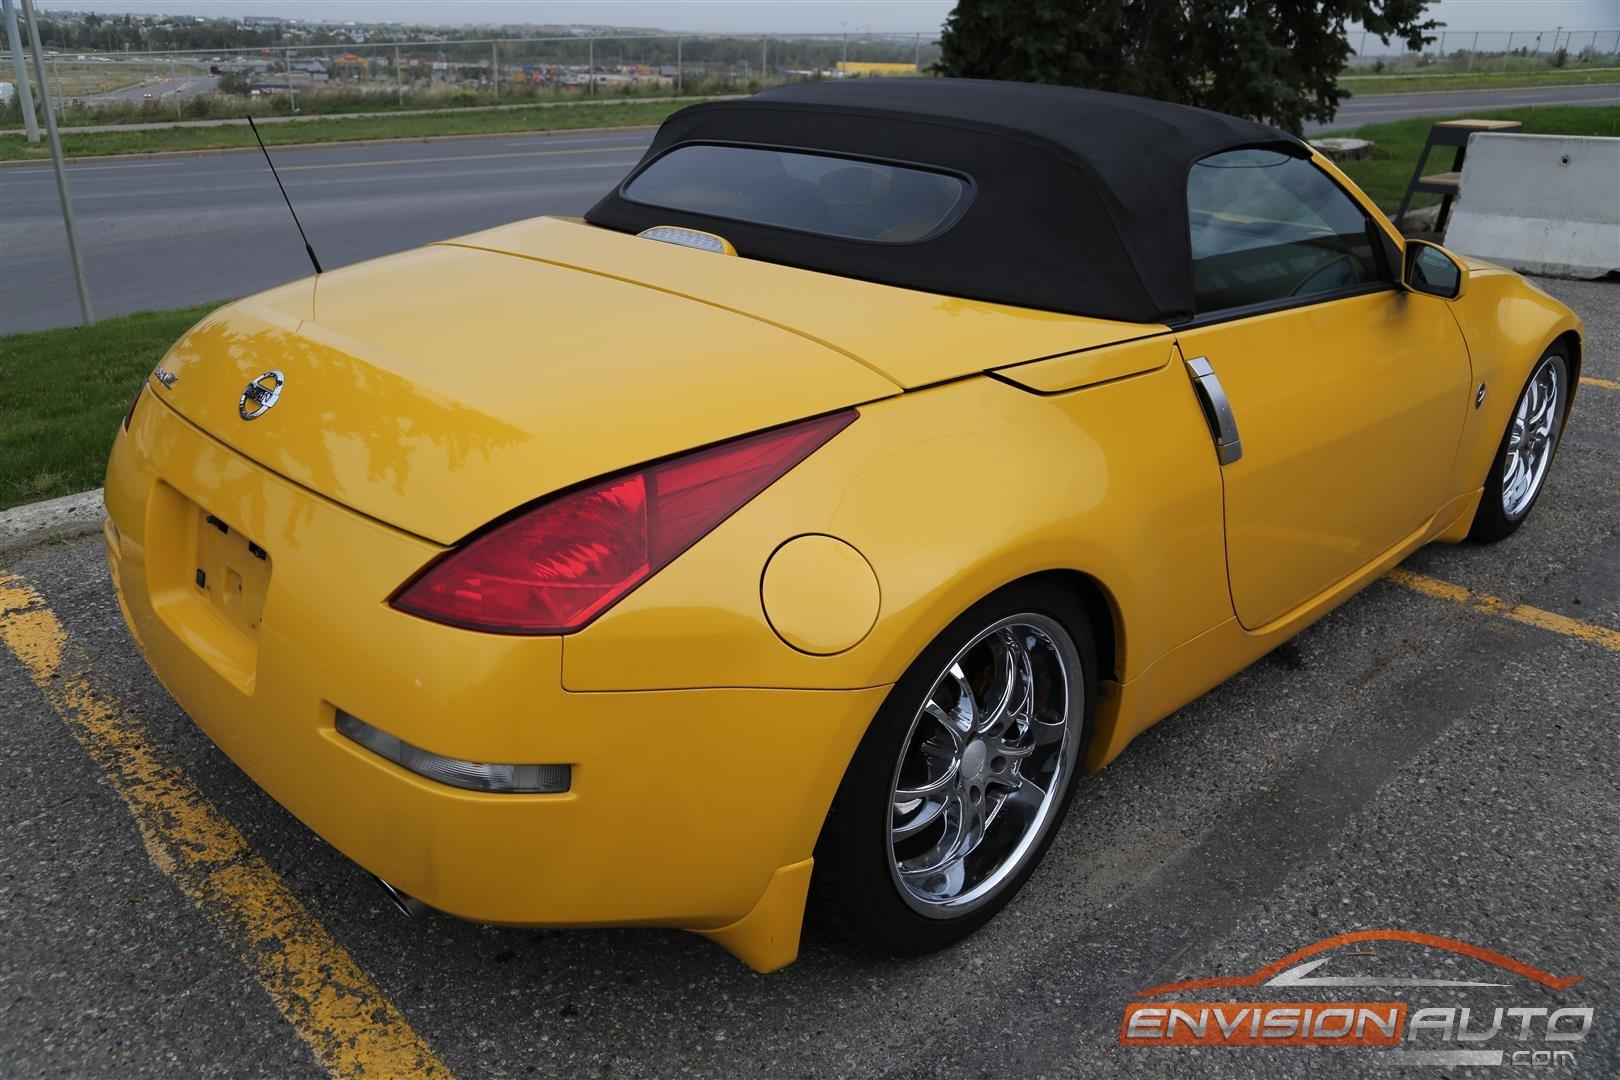 2005 nissan 350z roadster custom appearance pkg envision auto. Black Bedroom Furniture Sets. Home Design Ideas